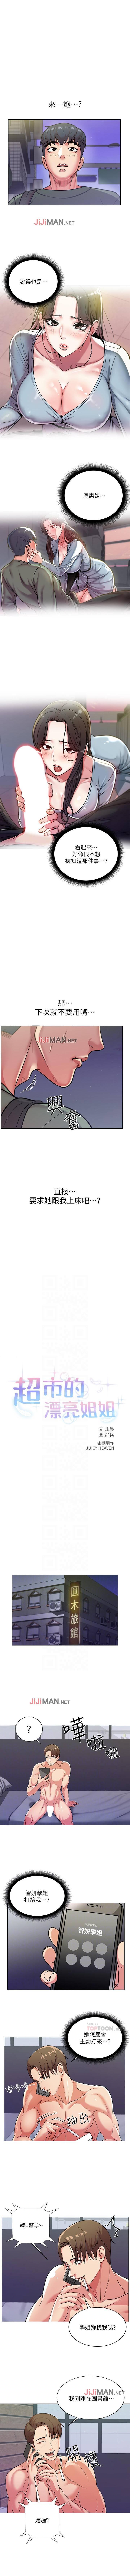 【周三连载】超市的漂亮姐姐(作者:北鼻&逃兵) 第1~40话 53